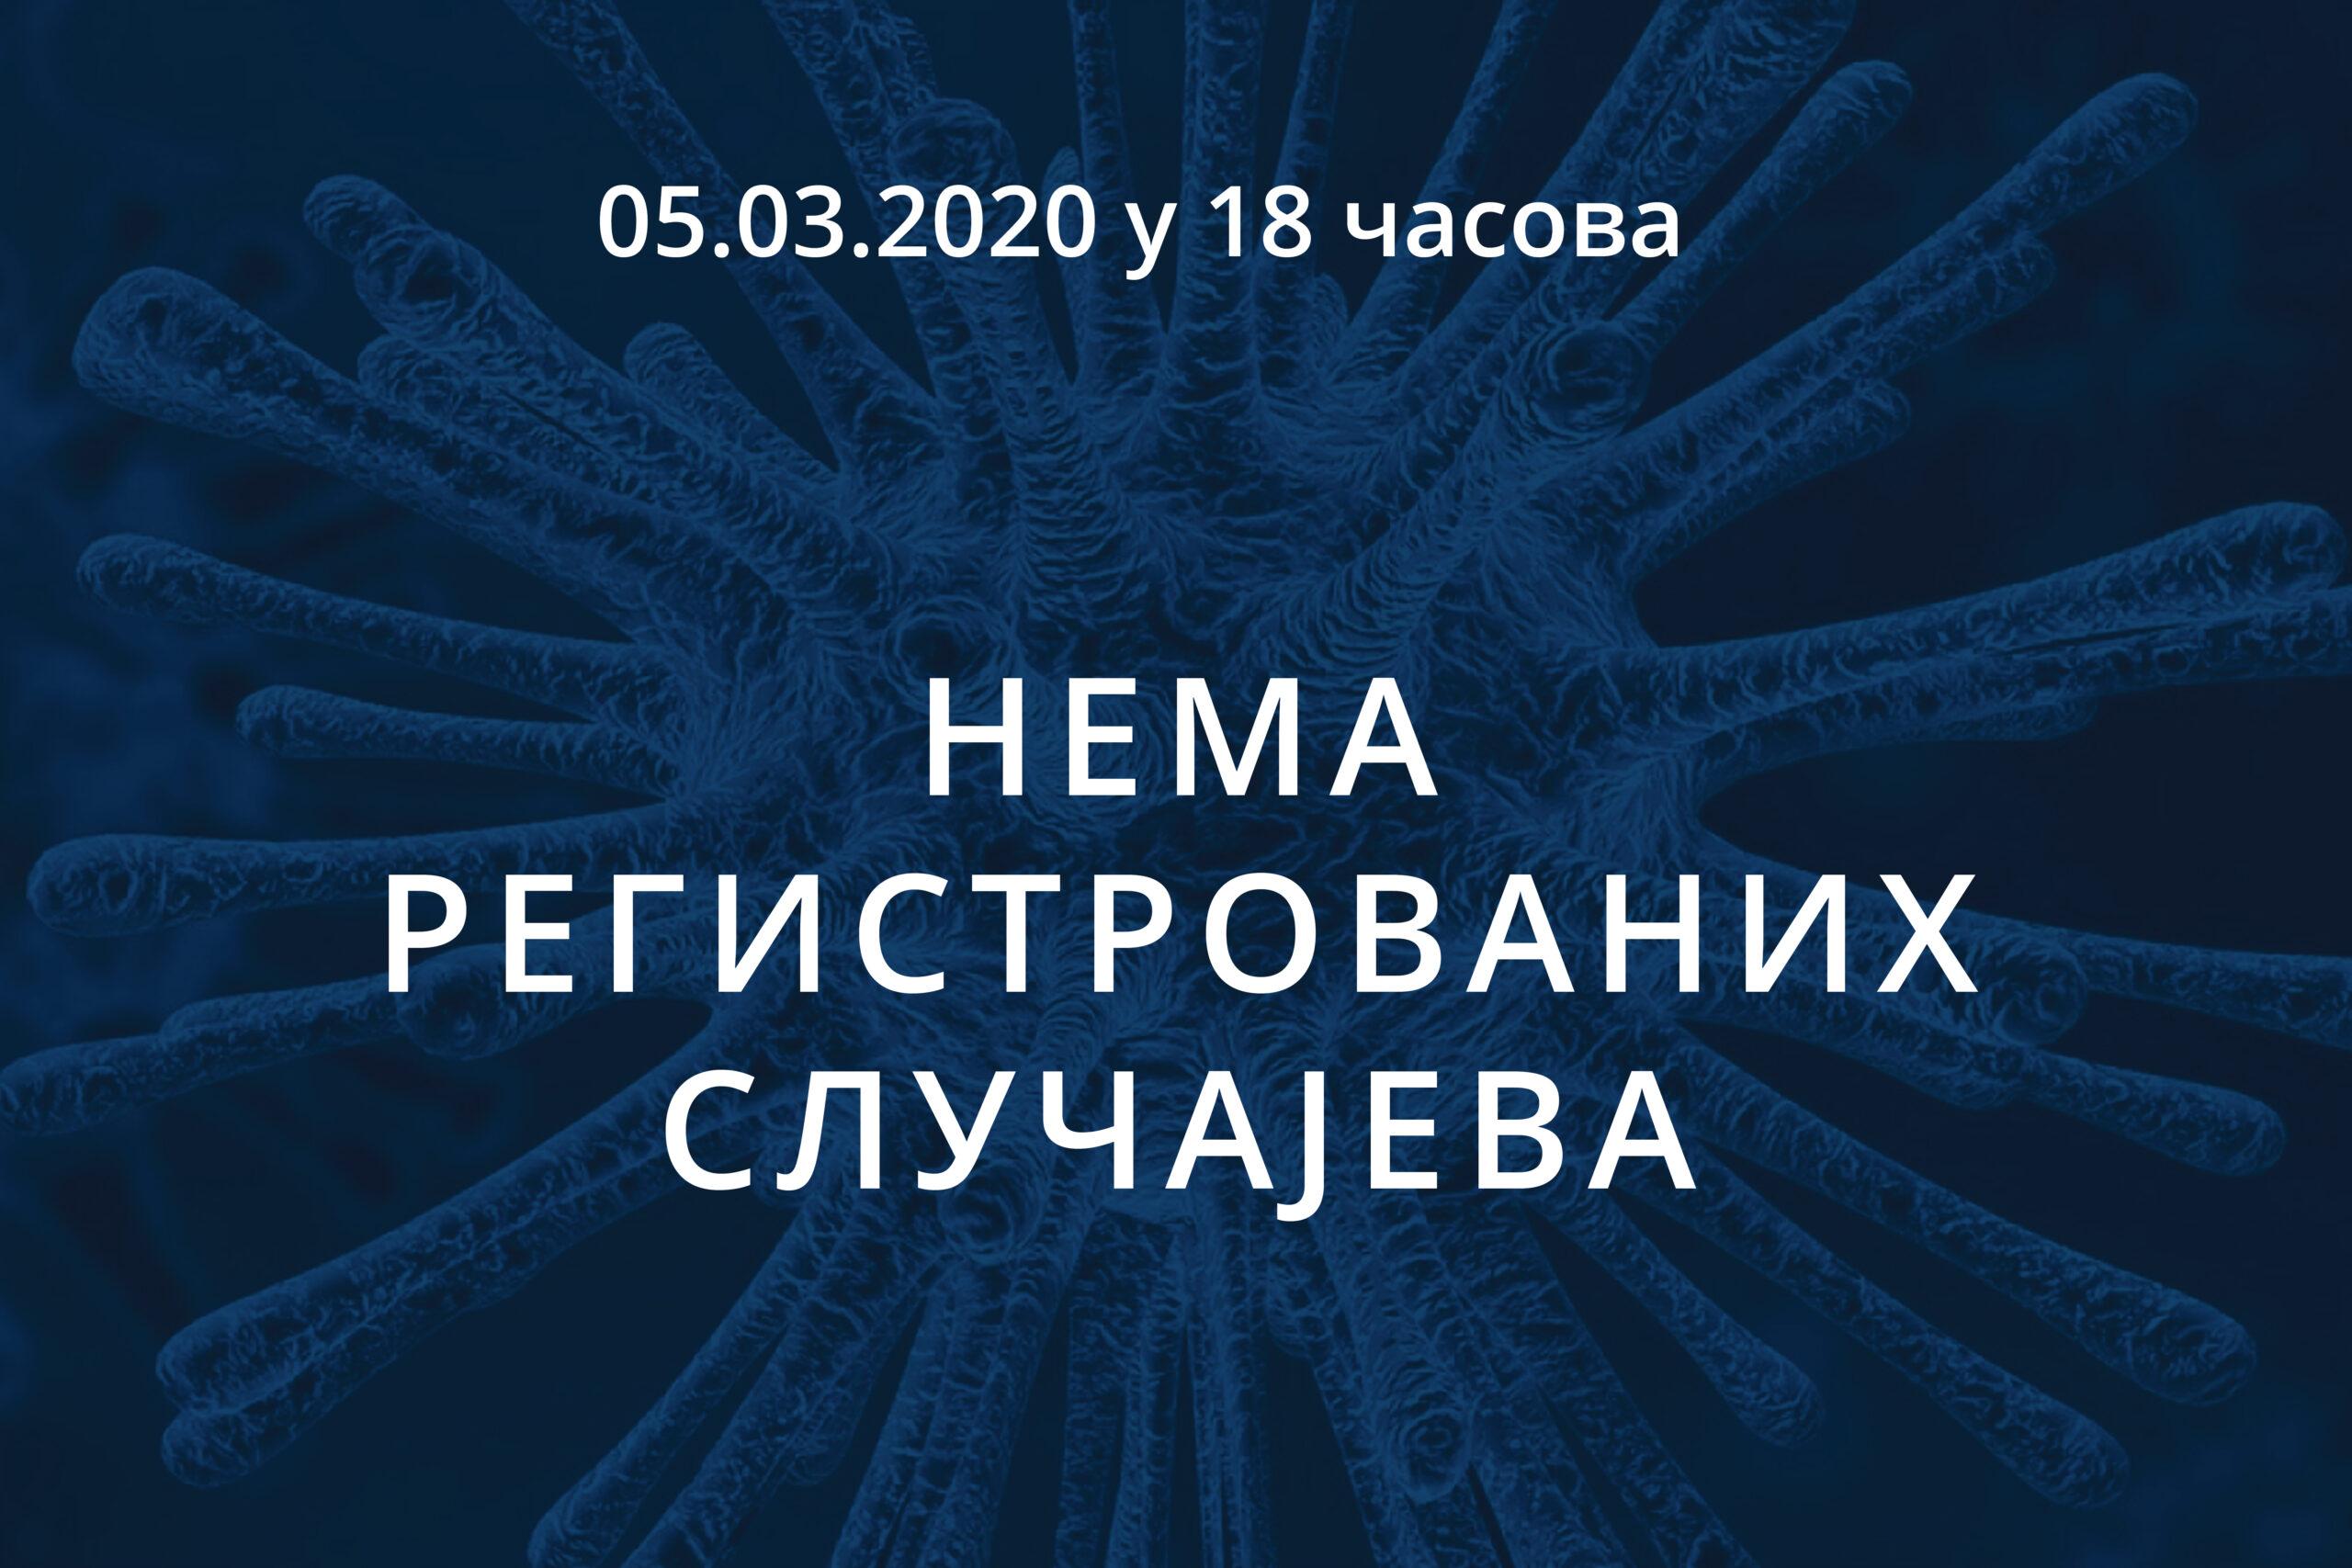 You are currently viewing Информације о корона вирусу COVID-19, 05.03.2020 у 18 часова